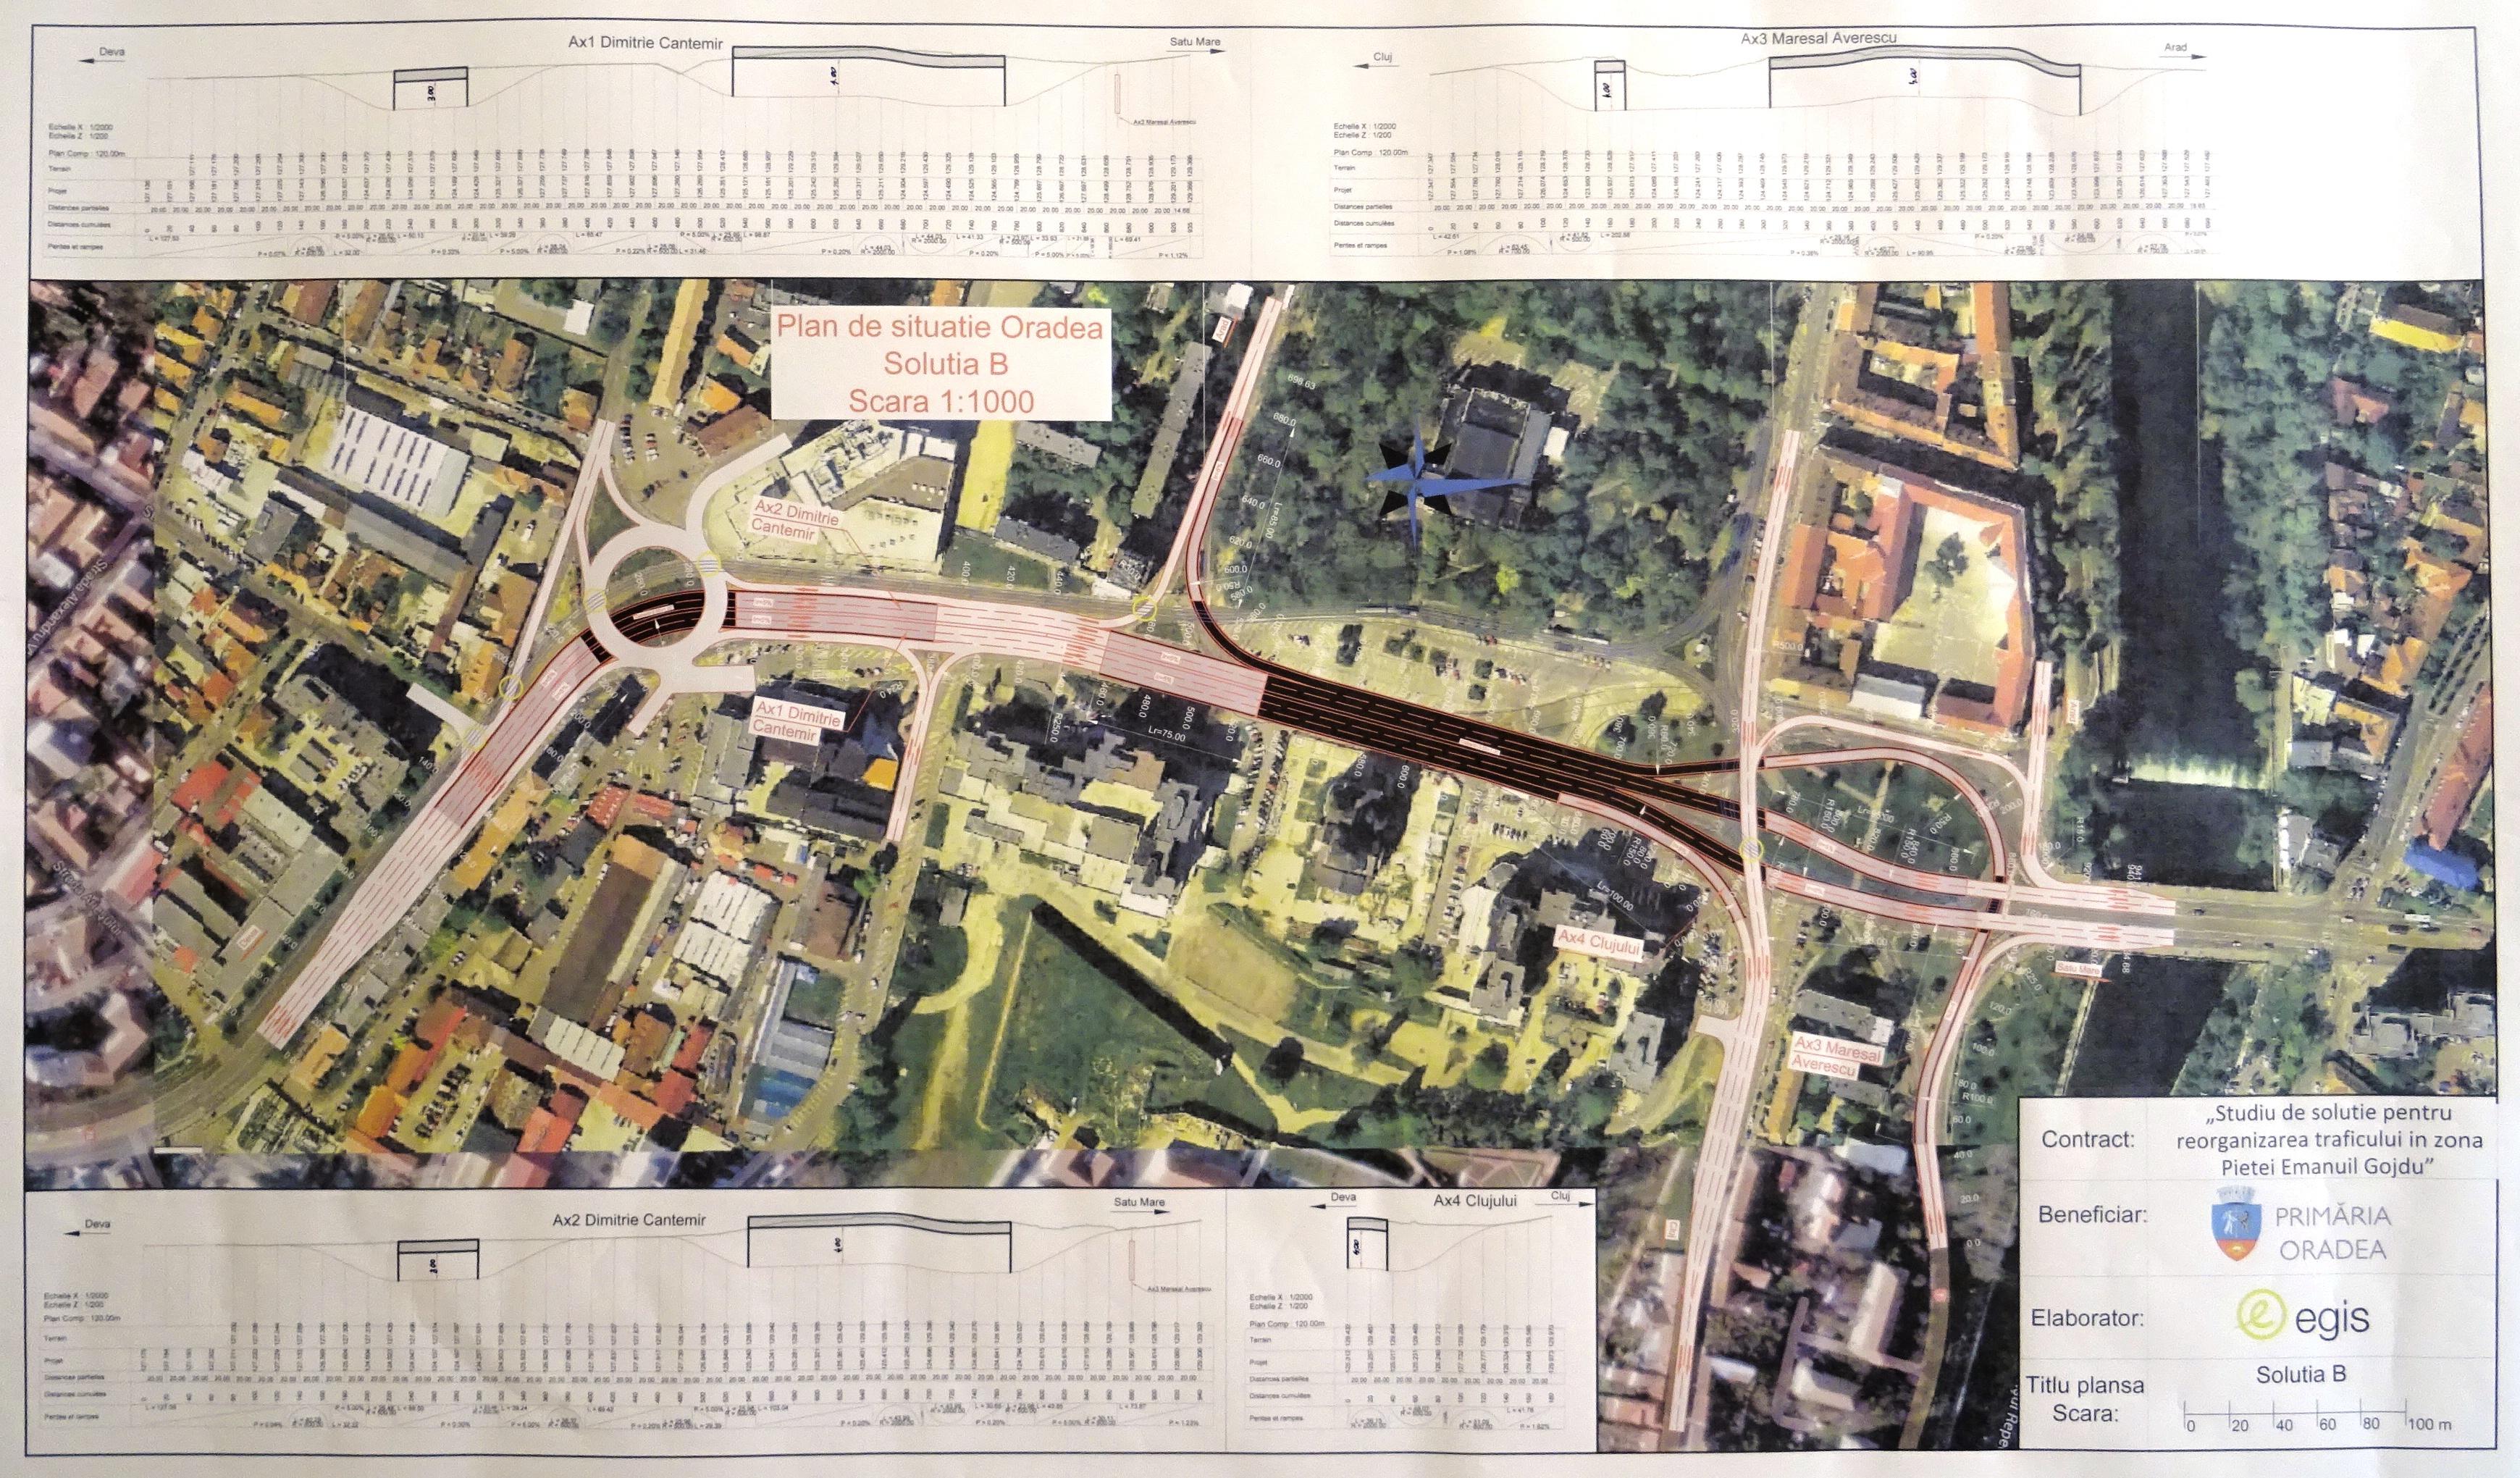 Doua pasaje subterane Centru civic piata Gojdu Oradea